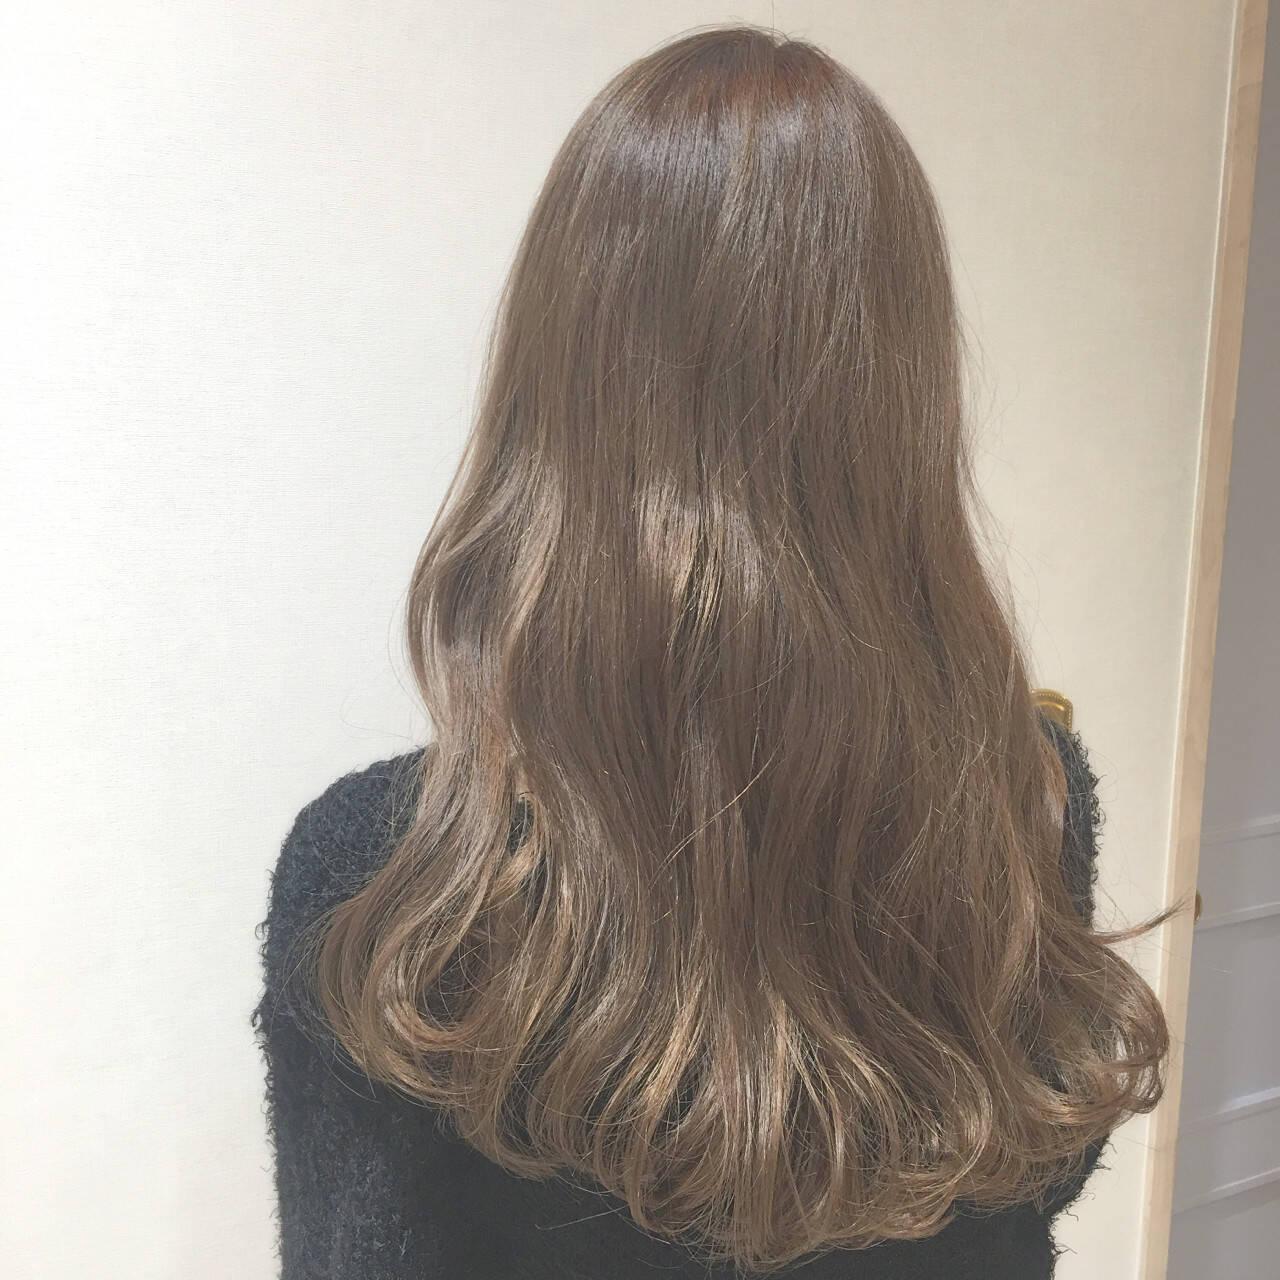 ベージュ ミルクティーベージュ ロング イルミナカラーヘアスタイルや髪型の写真・画像